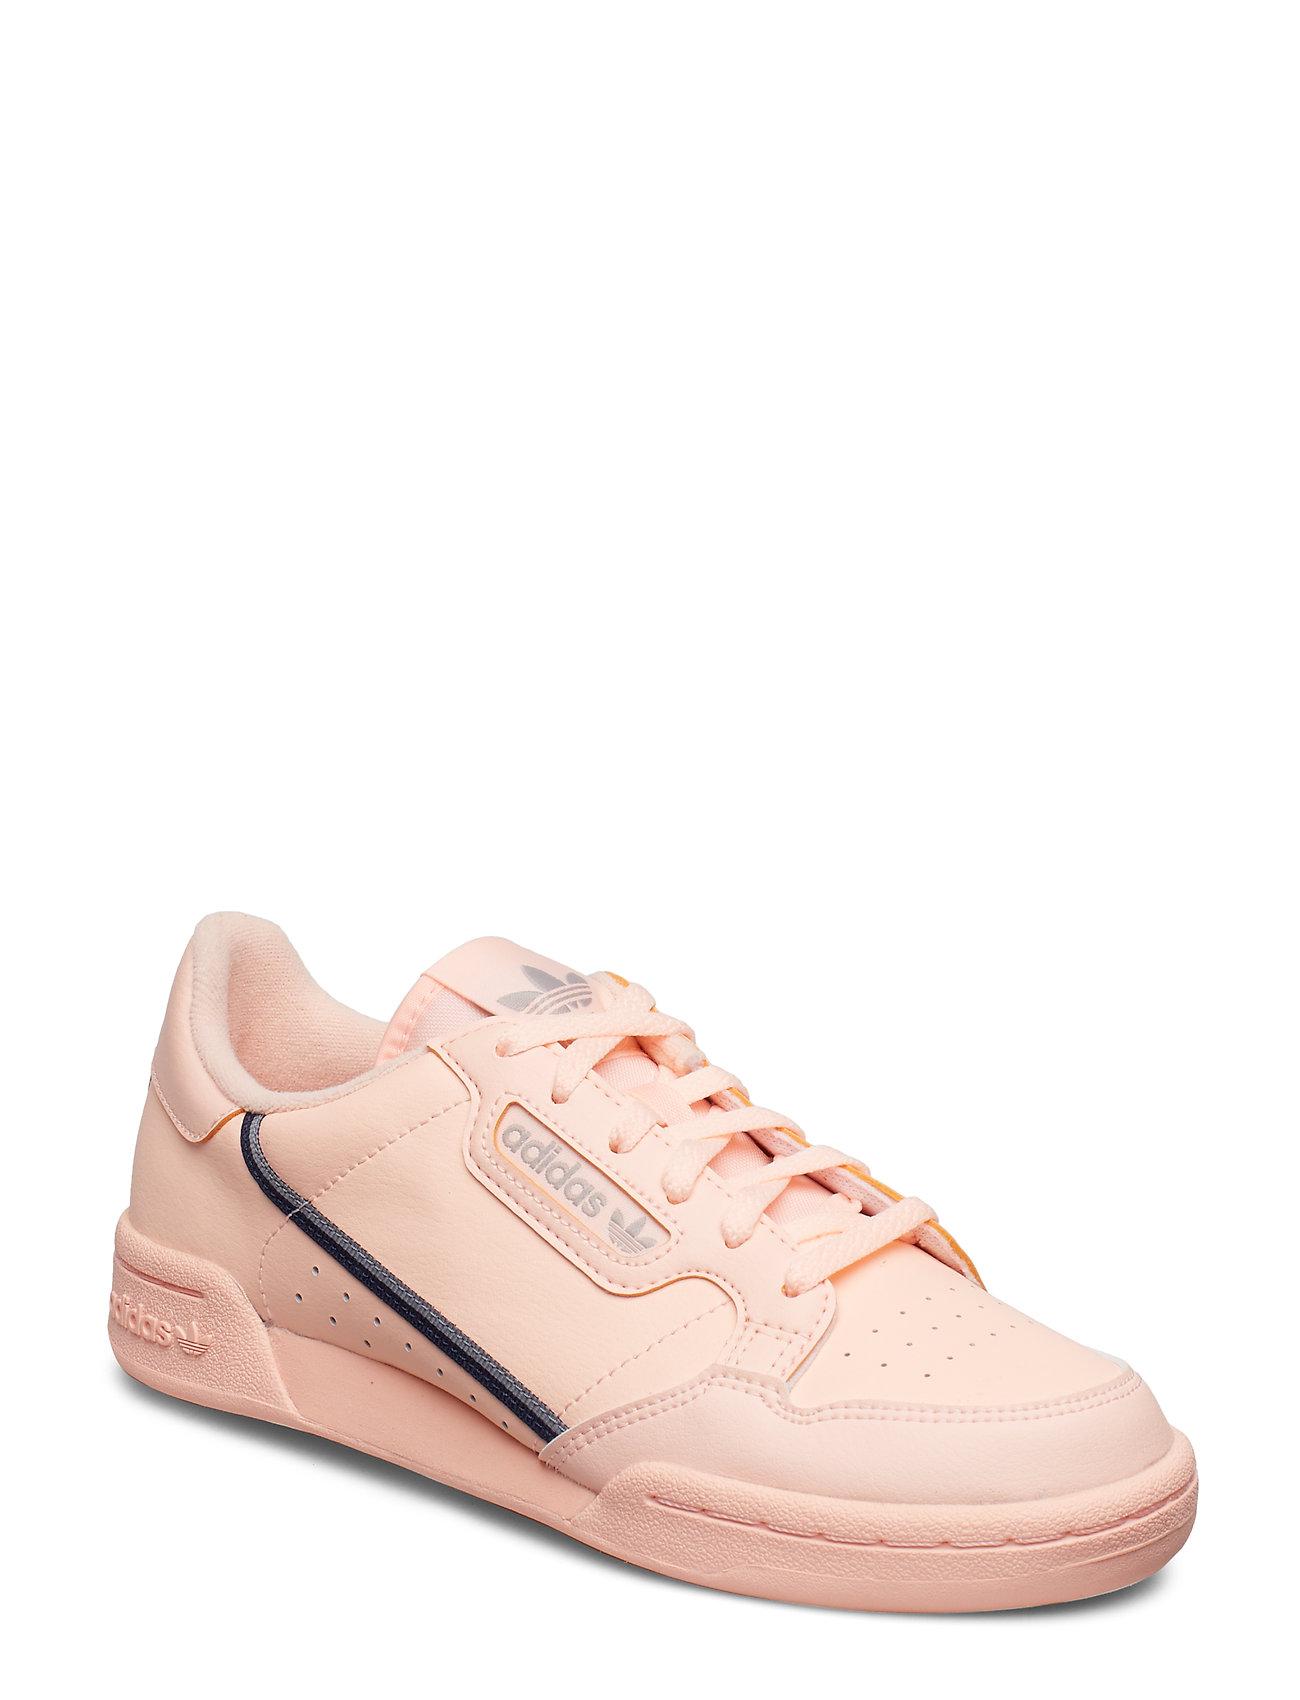 adidas Originals CONTINENTAL 80 J - CLEORA/LBROWN/ECRTIN